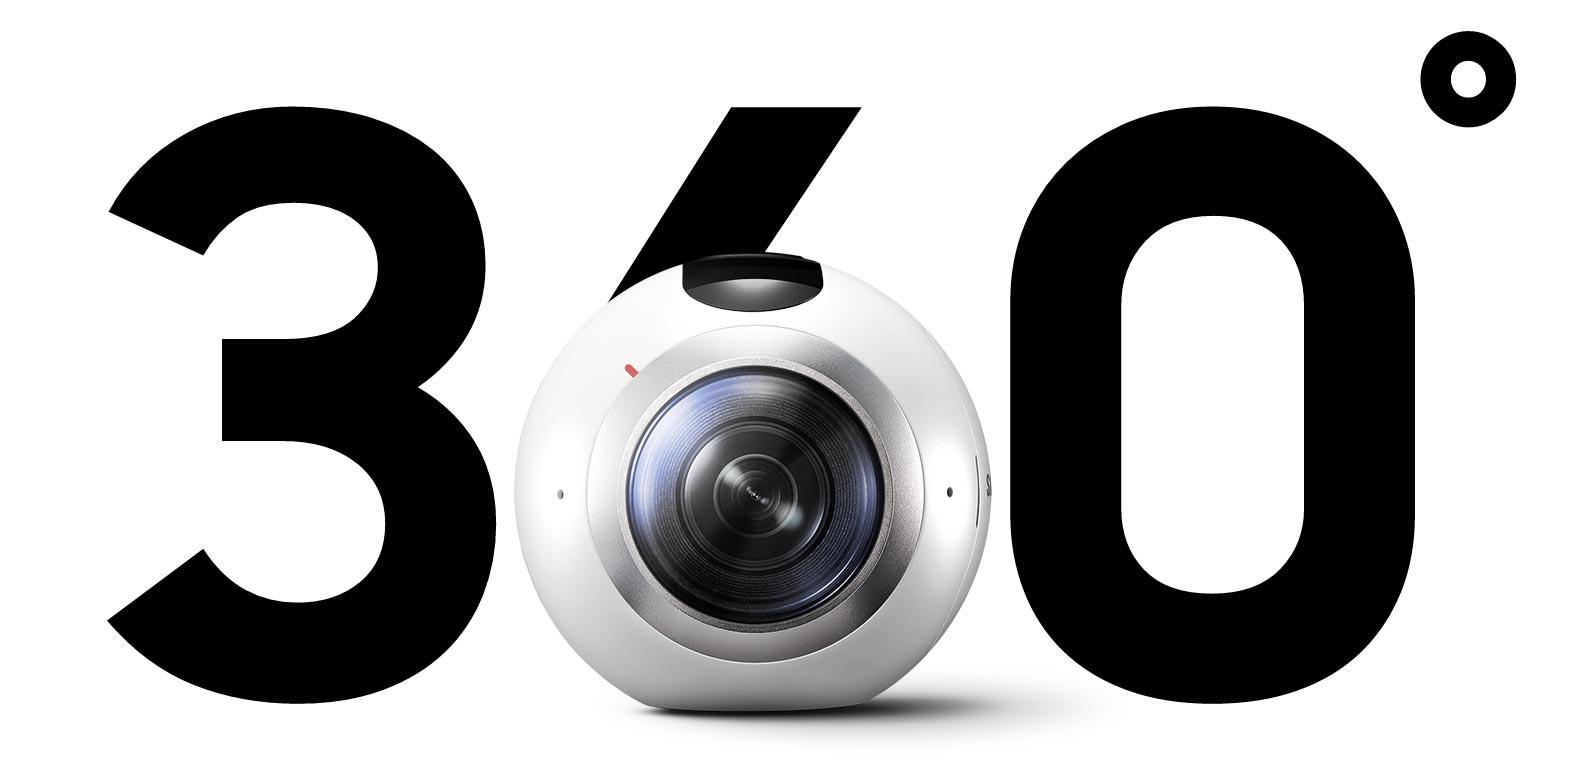 Samsung GEAR 360: La cámara 360 de Samsung